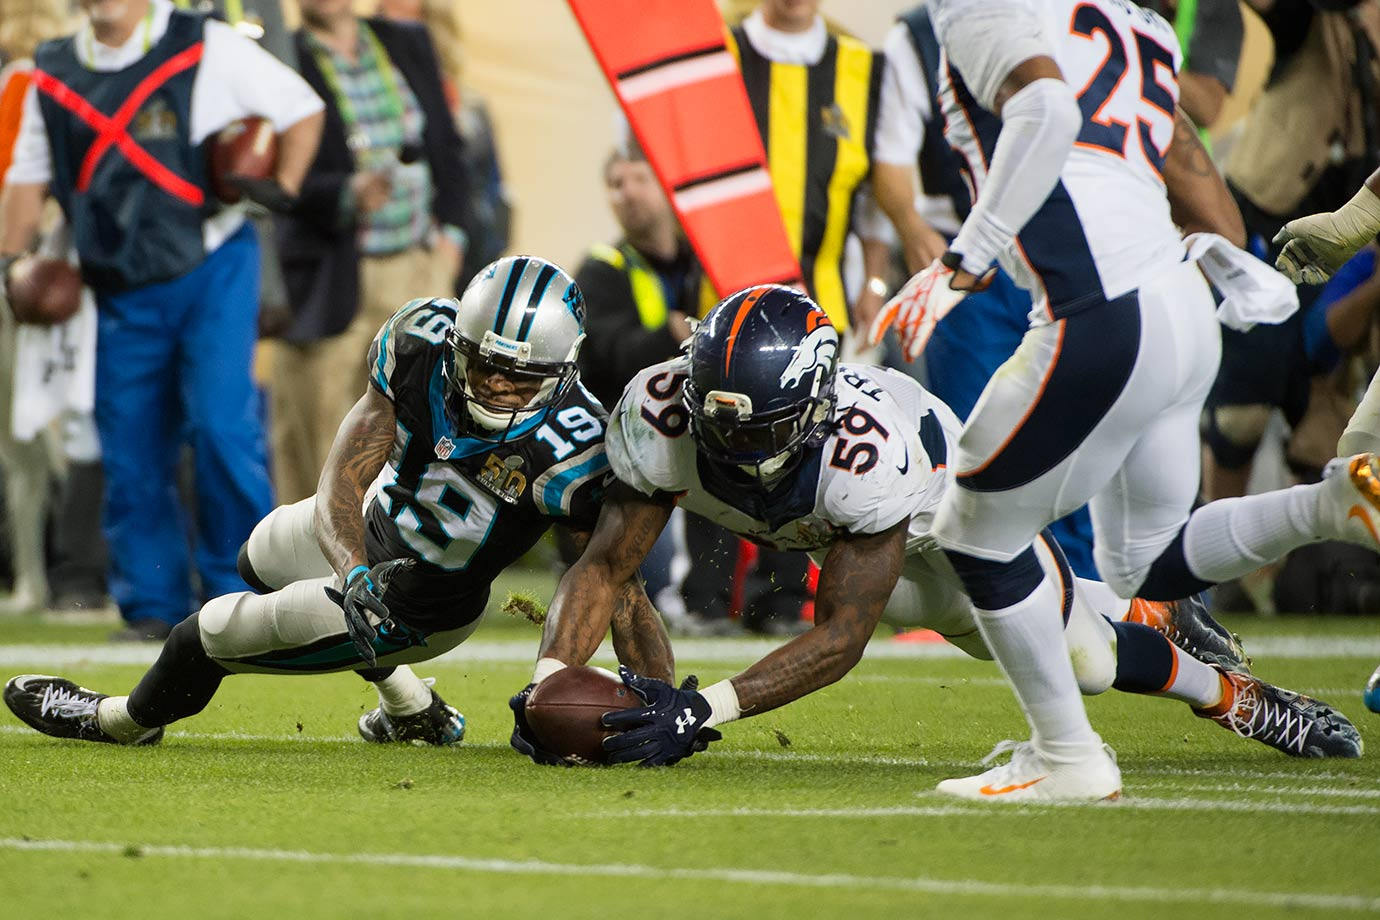 2015 Team: Denver Broncos — 2016 Team: Chicago Bears